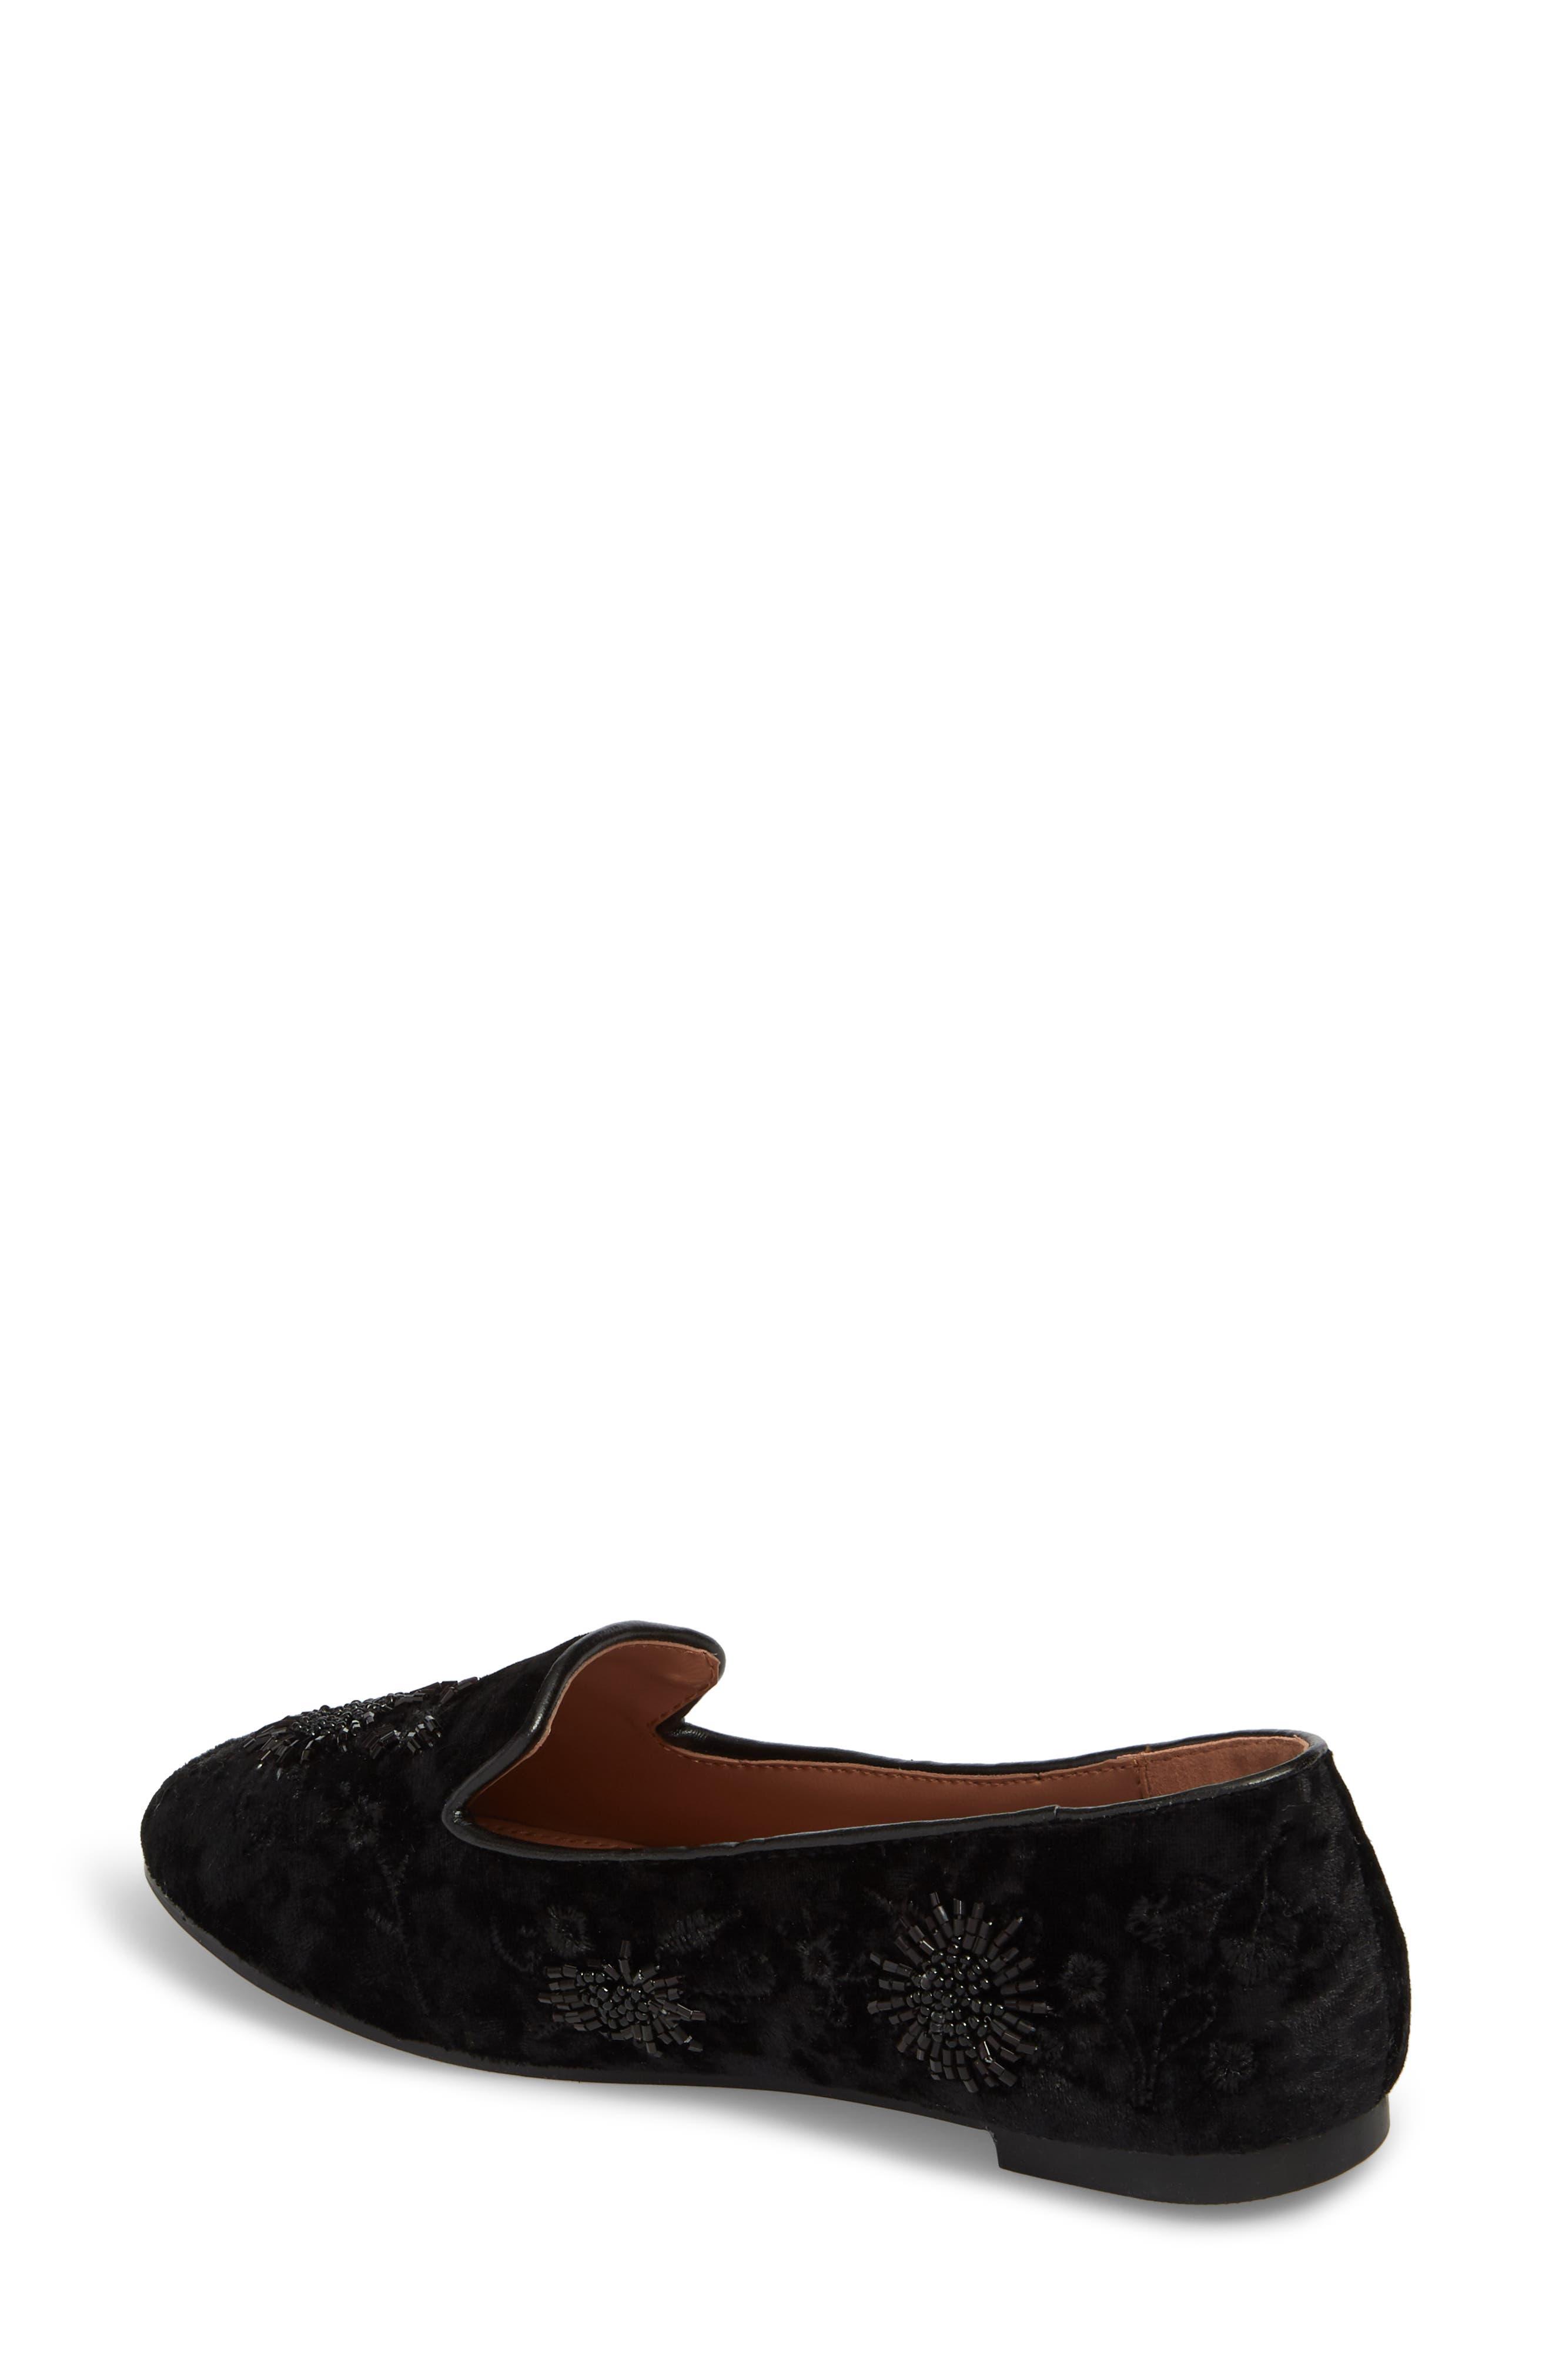 Syrup Embellished Loafer,                             Alternate thumbnail 2, color,                             BLACK